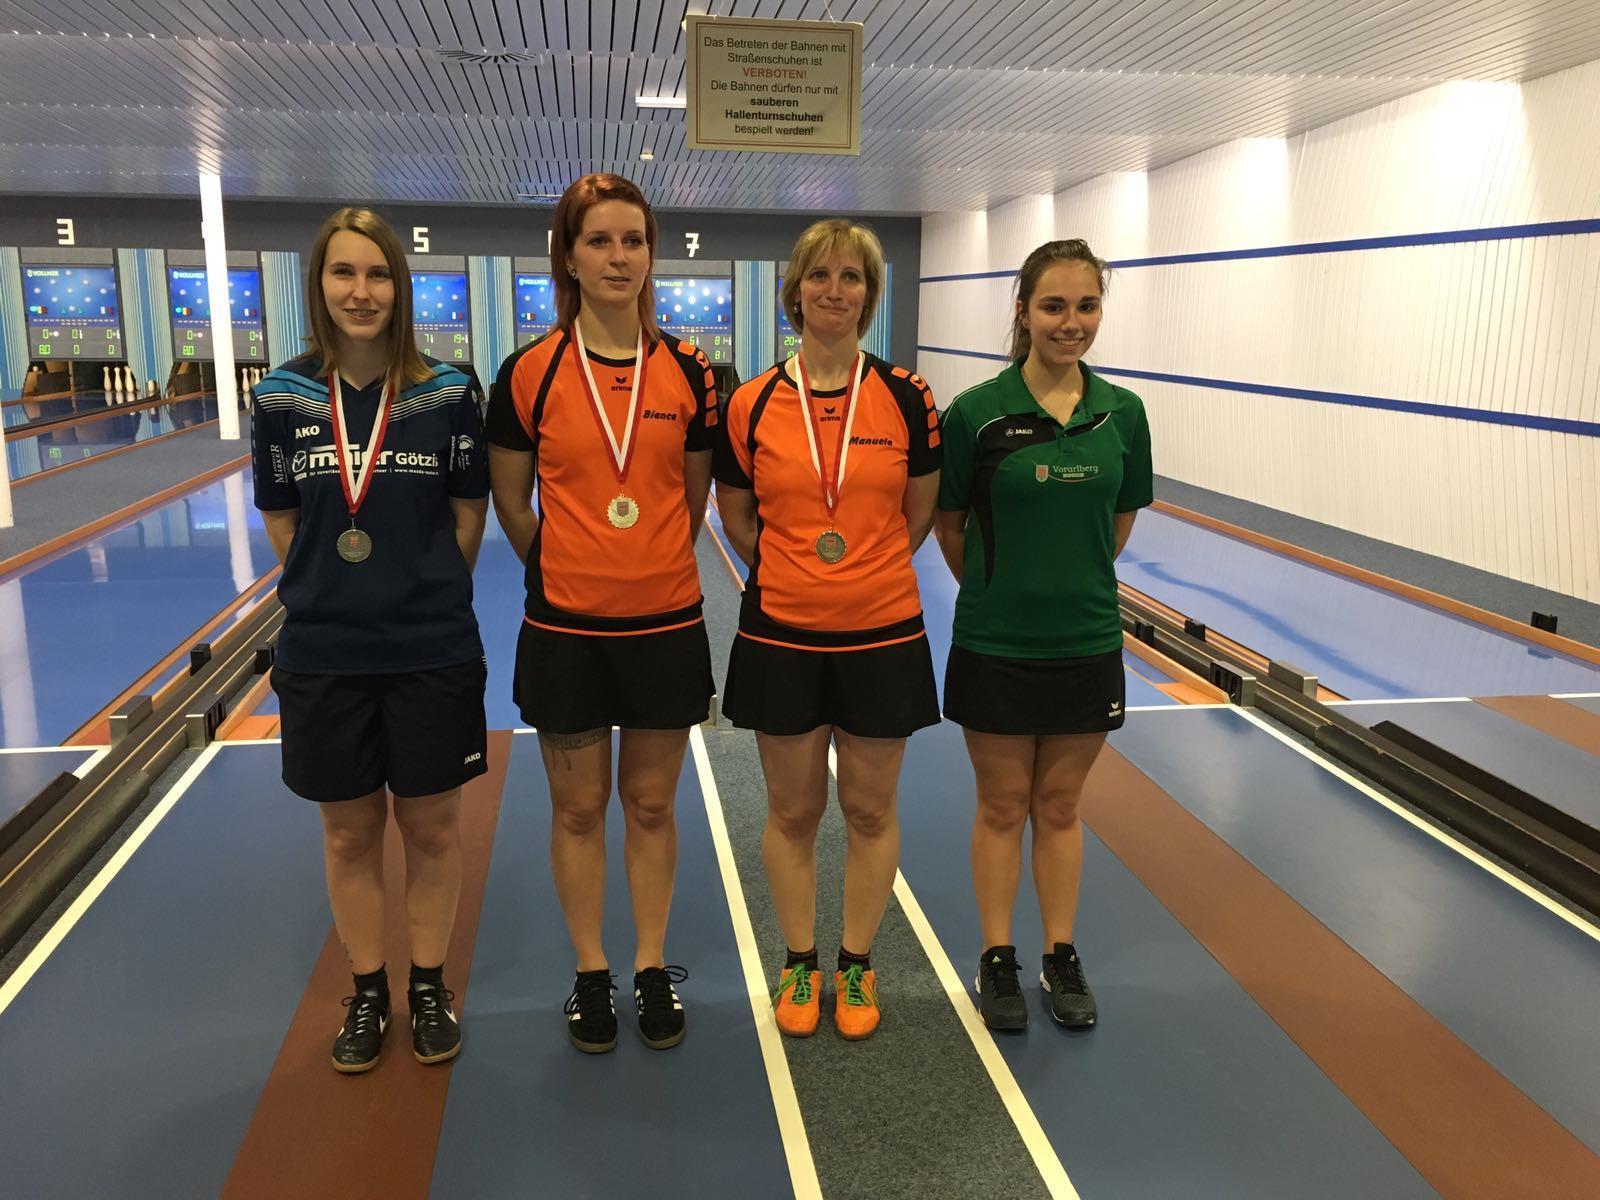 v.l.n.r.: 2. Stefanie Knauer - SKC Koblach, 1. Bianca Leissner und 3. Manuela Zudrell - beide SKC Illwerke, 4. Wüschner Nina - SKC EHG Dornbirn